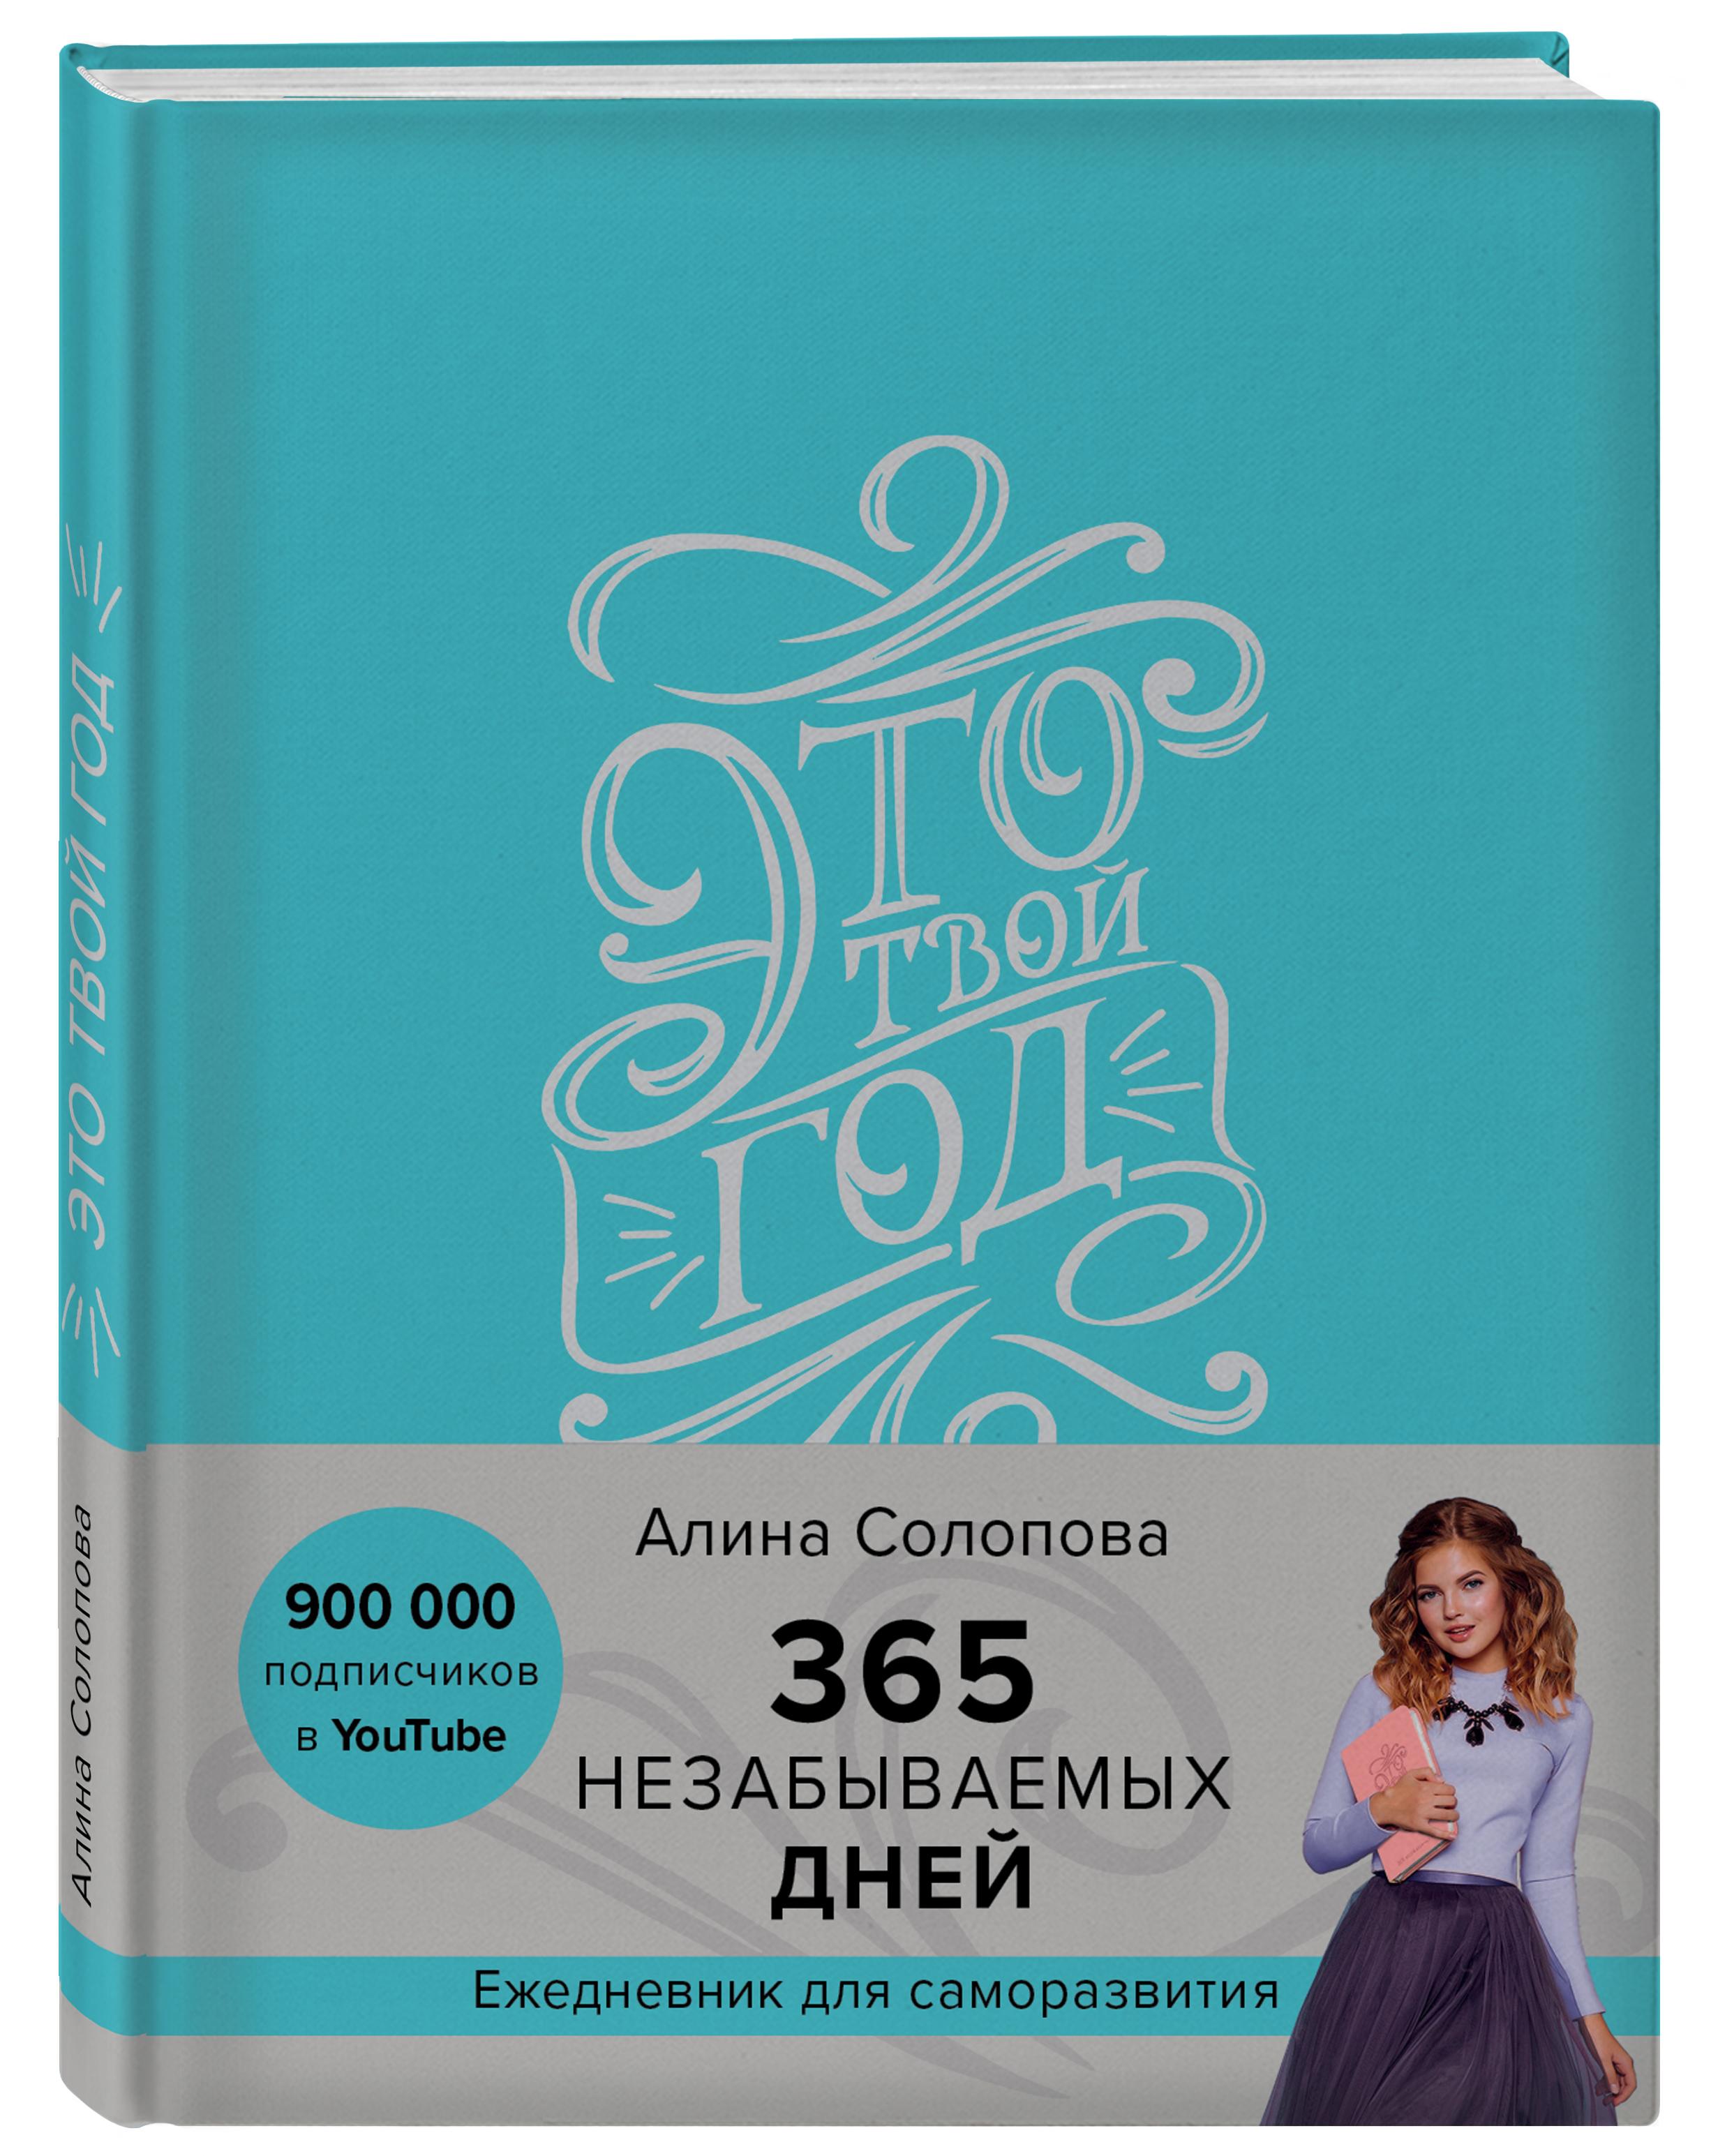 Ежедневник Алины Солоповой ежедневник 20pcs lot jp408131